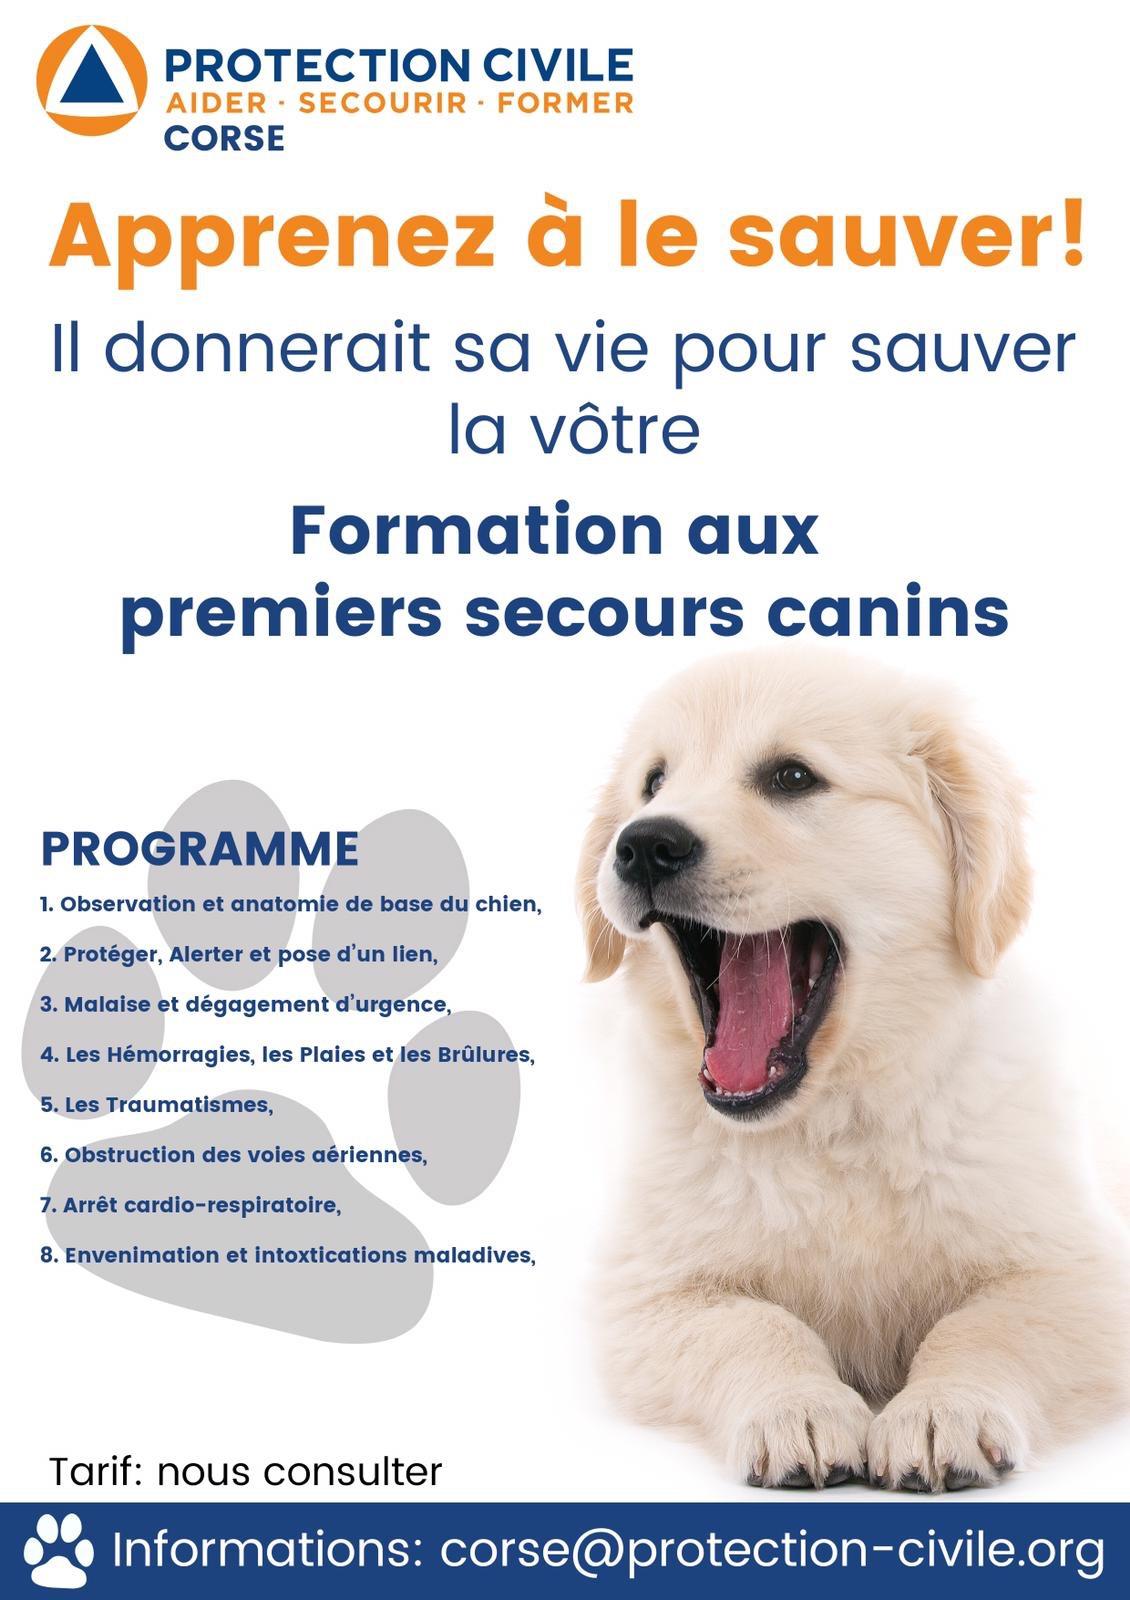 La protection civile de Corse organise une formation aux premiers secours canins